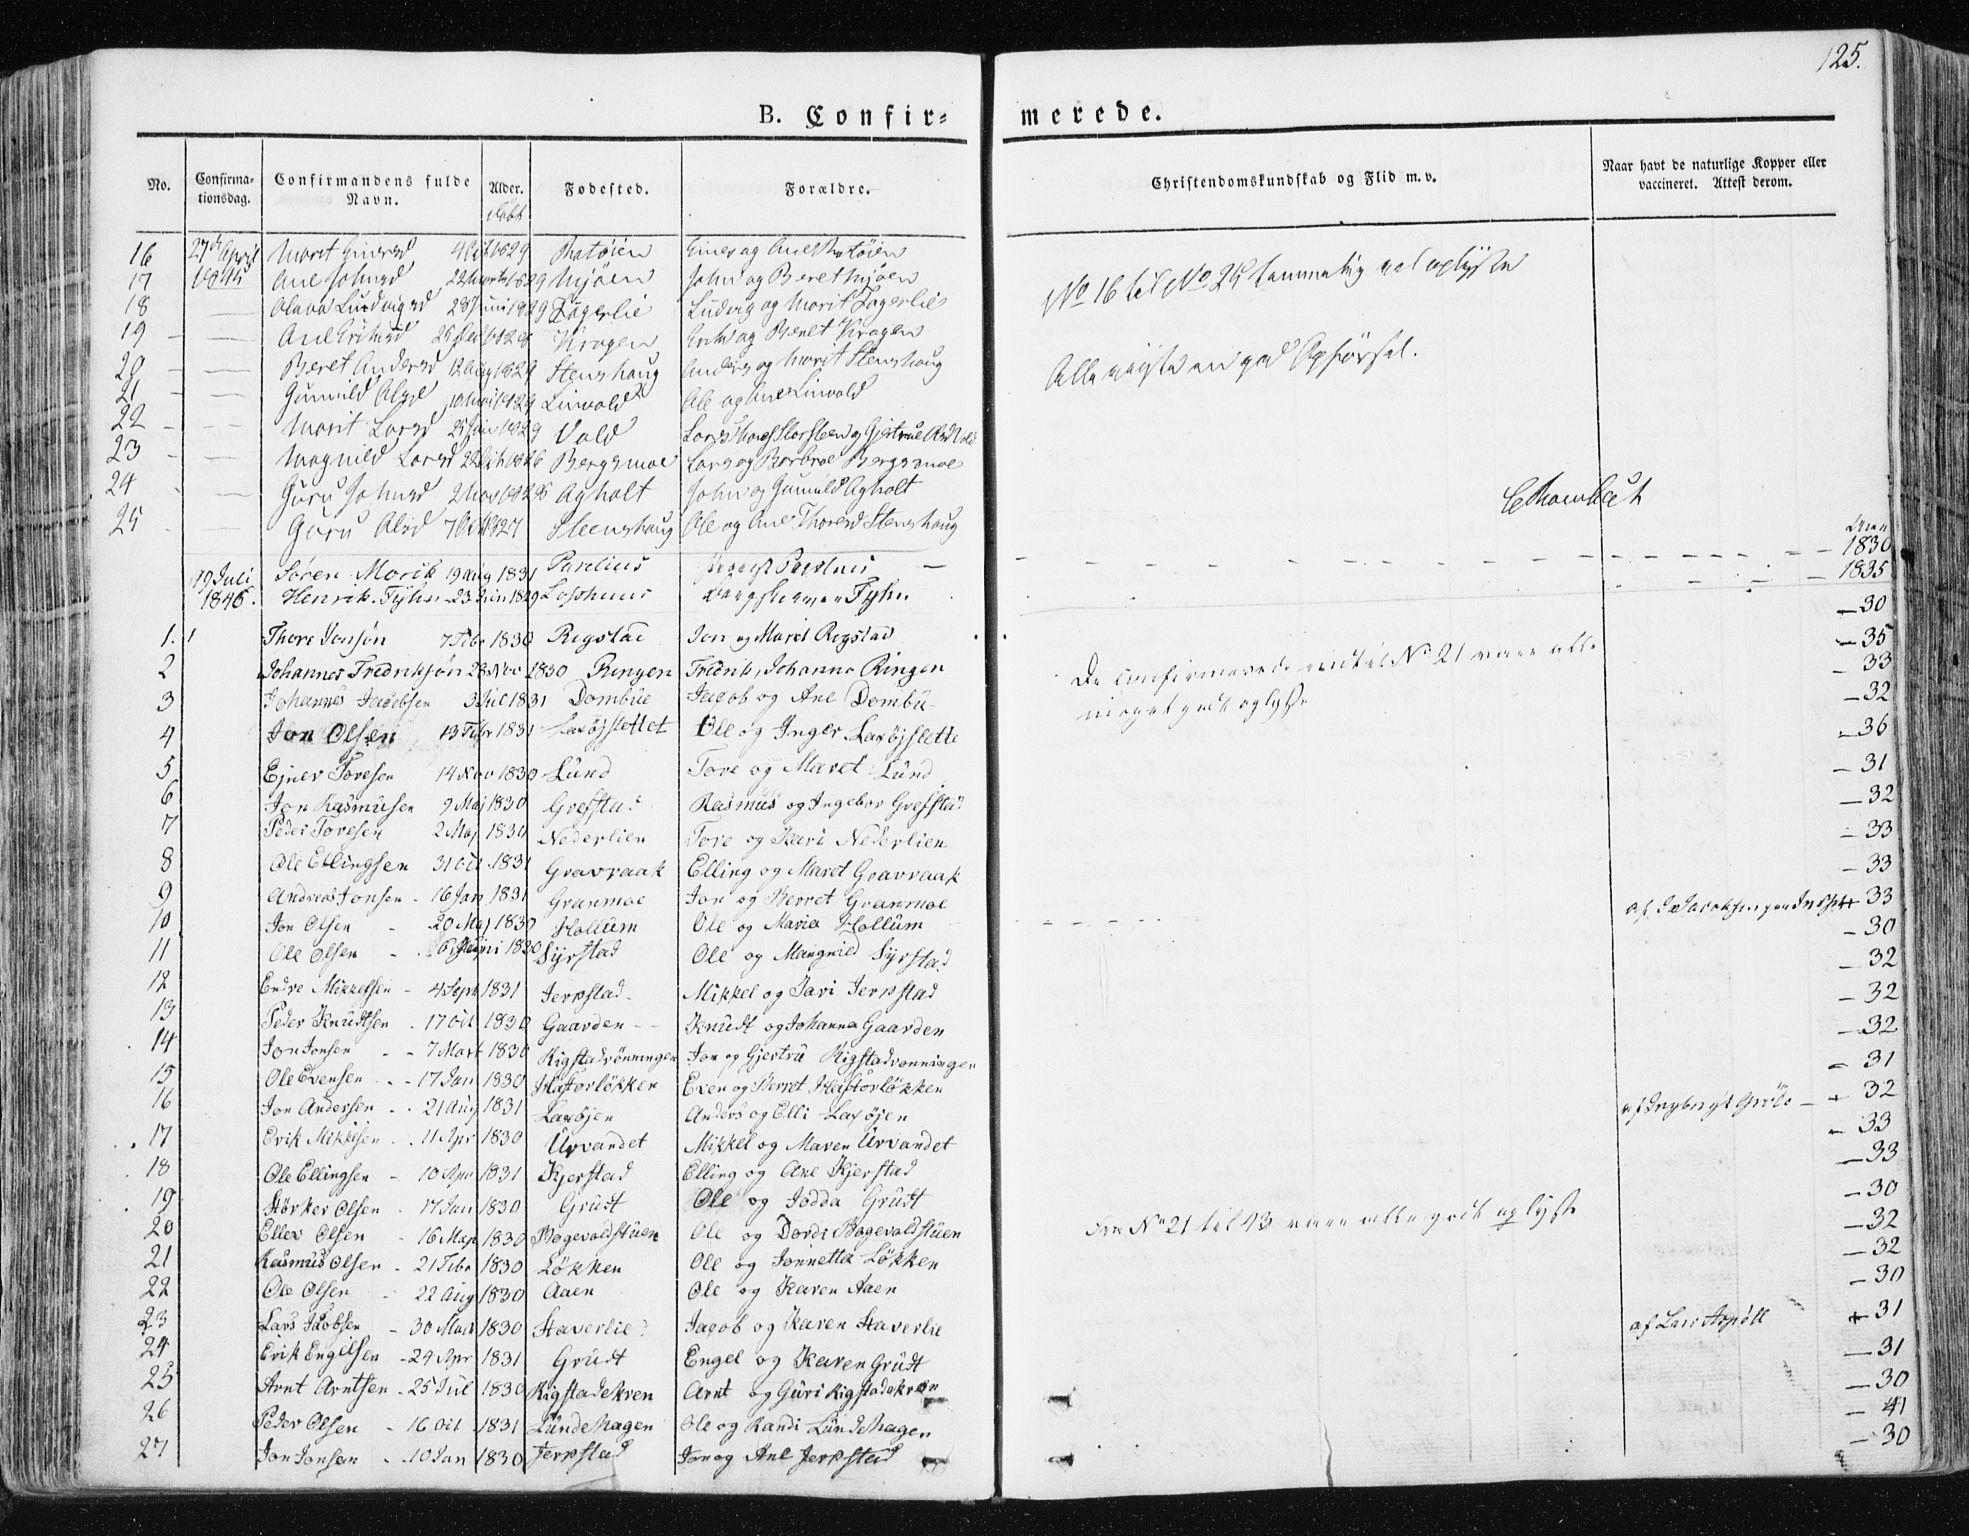 SAT, Ministerialprotokoller, klokkerbøker og fødselsregistre - Sør-Trøndelag, 672/L0855: Ministerialbok nr. 672A07, 1829-1860, s. 125